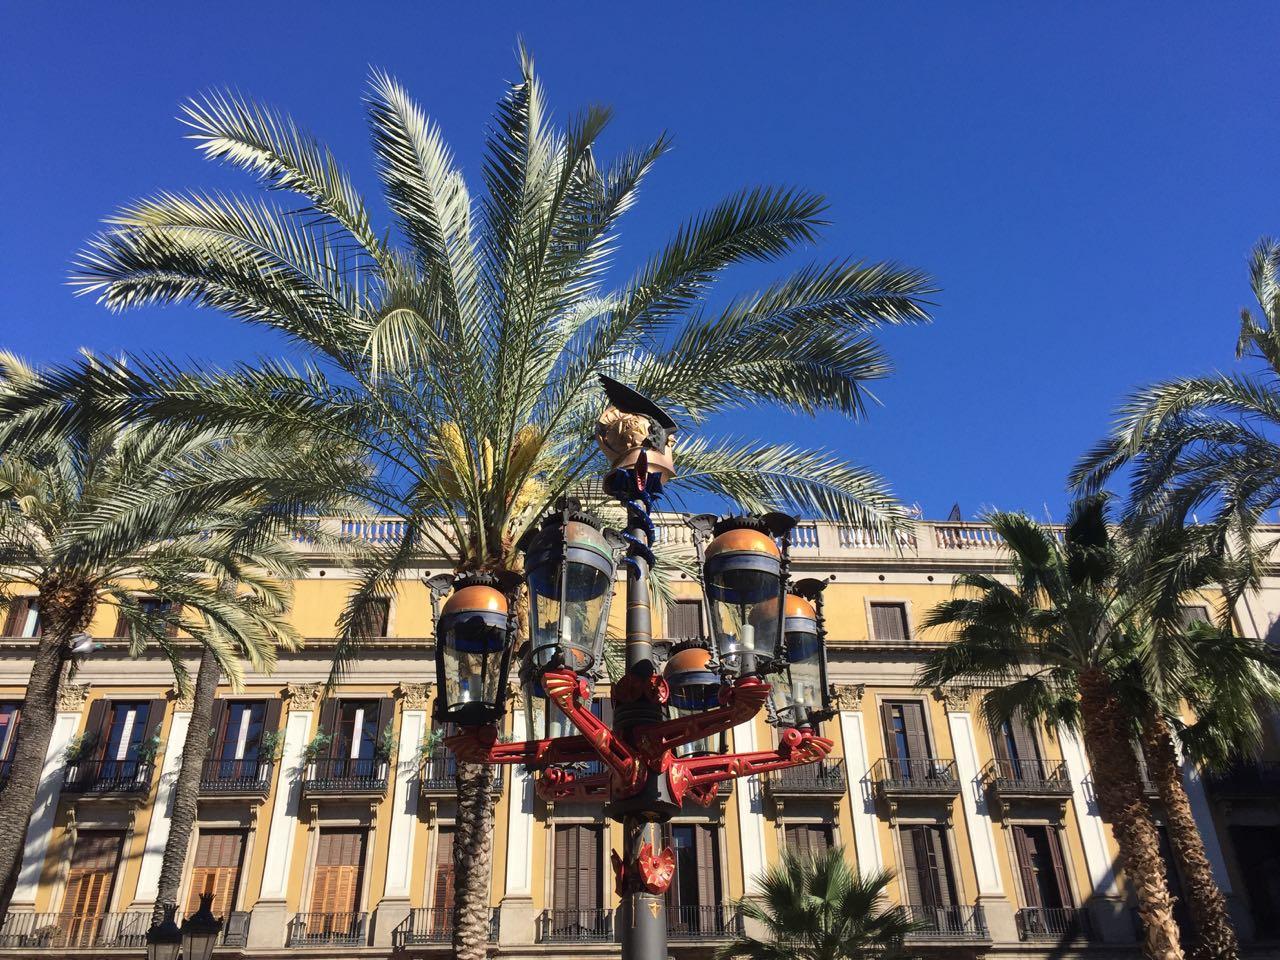 Barcelona Palm Trees